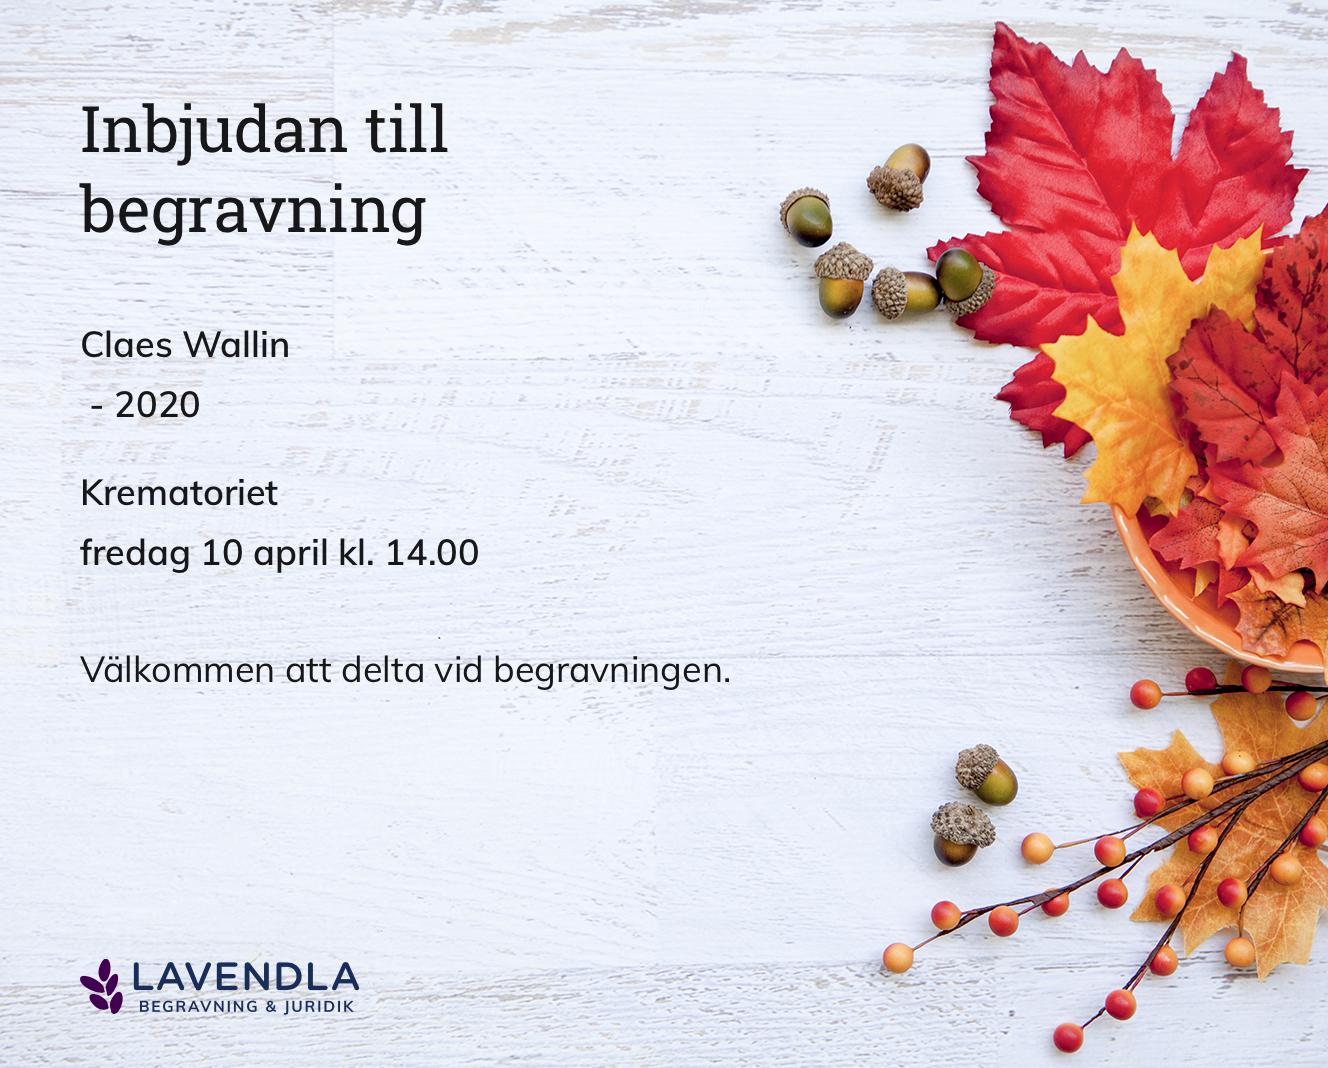 Inbjudningskort till ceremonin för Claes Wallin